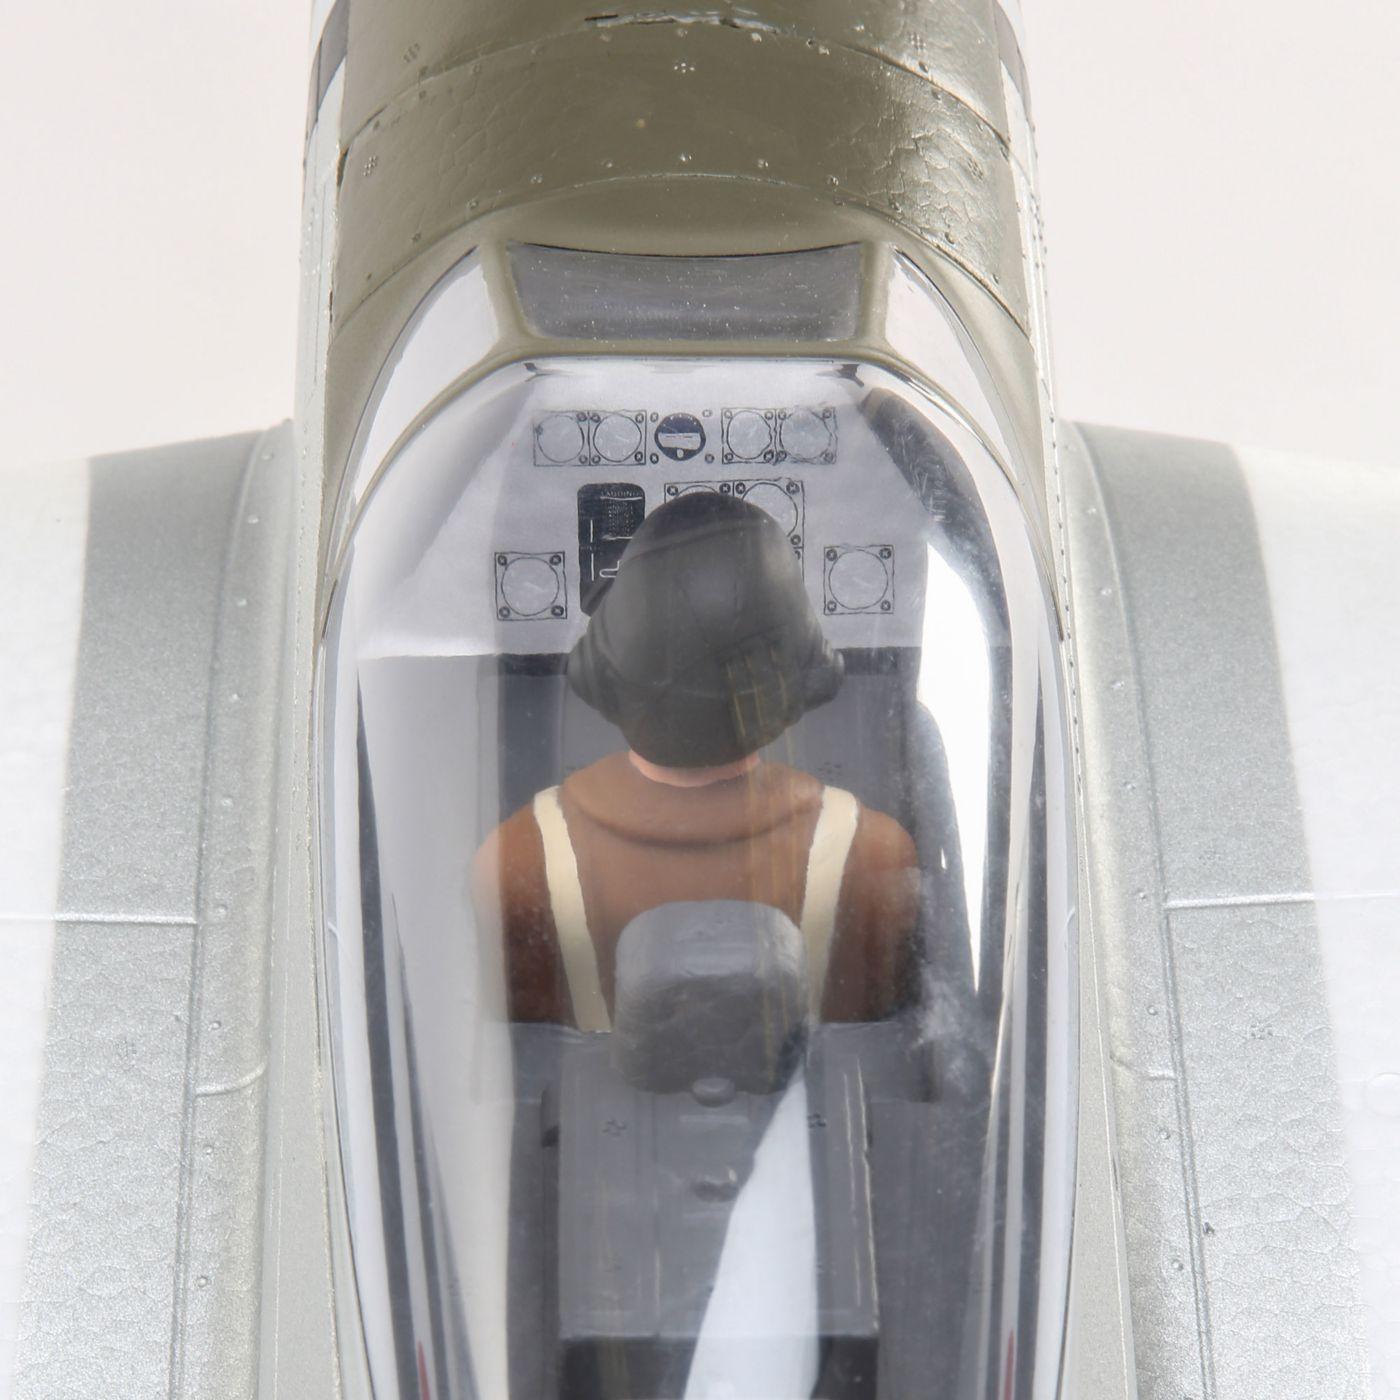 E-flite P-51d Mustang Warbird bnf basic safe 09